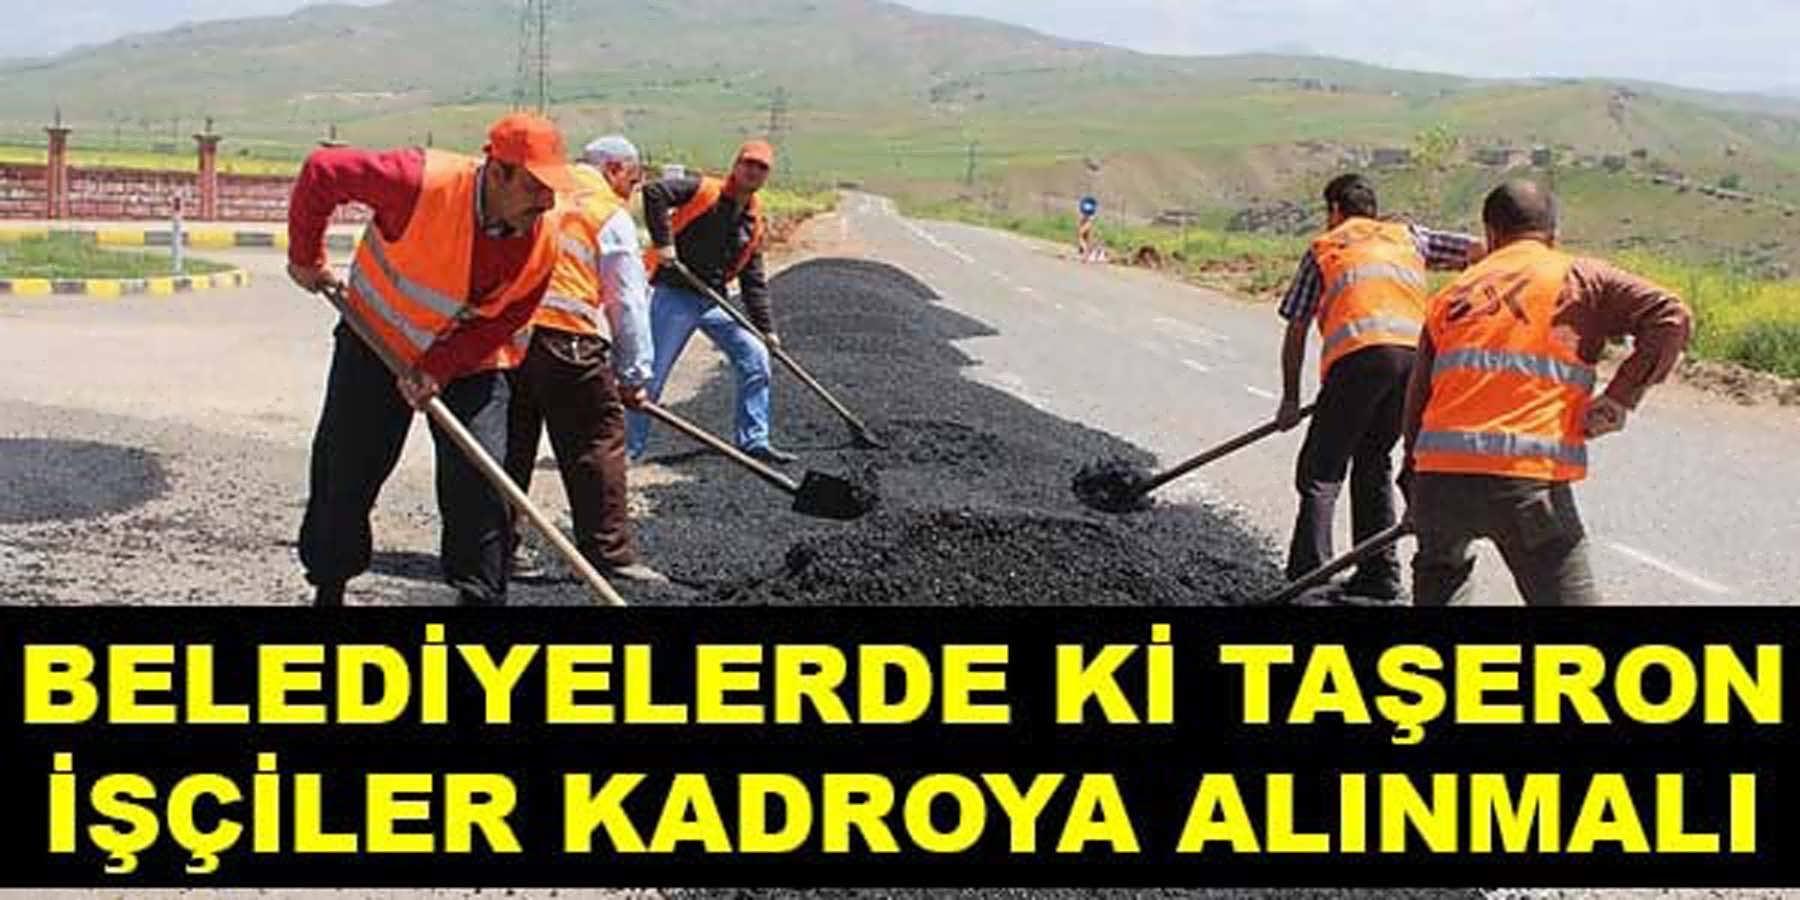 Belediyelerde Çalışan Taşeron İşçilerde Karoya Alınmalı